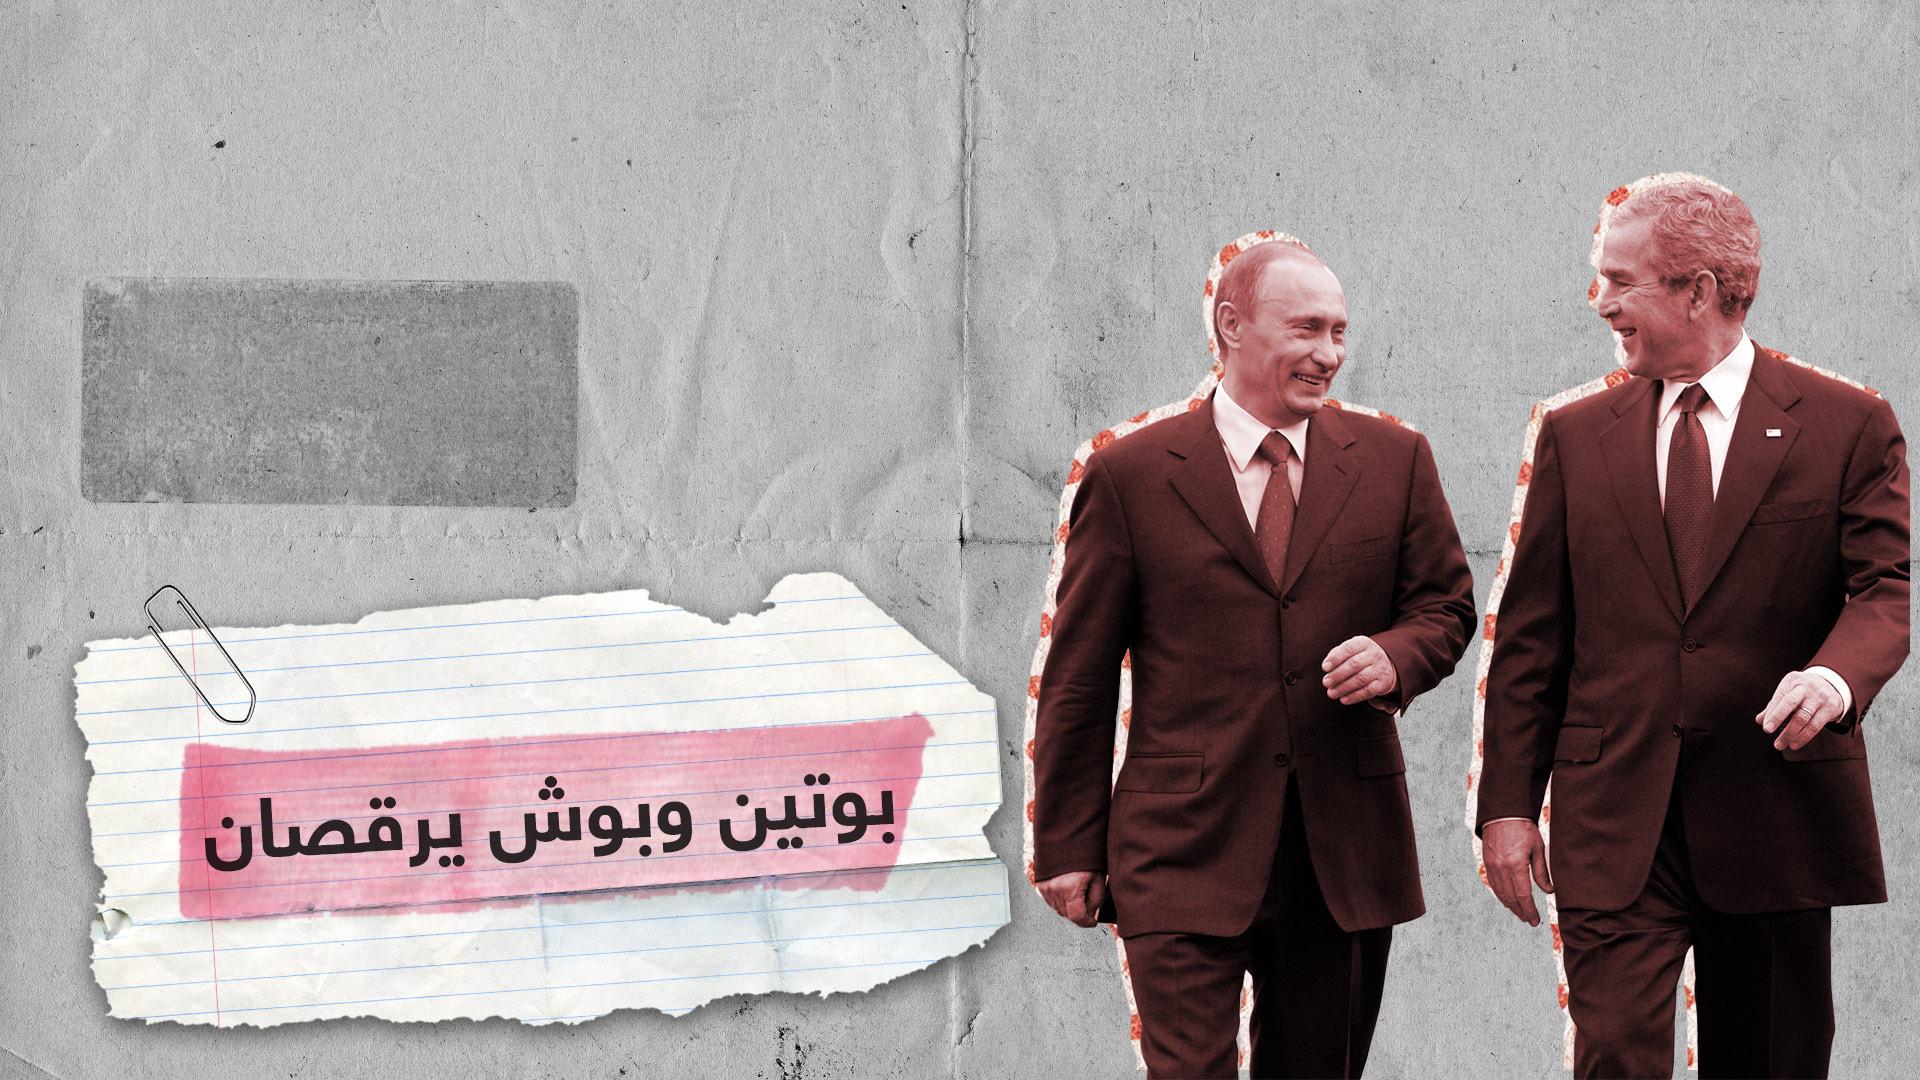 فيديو أرشيفي.. بوتين وجورج بوش الابن يرقصان